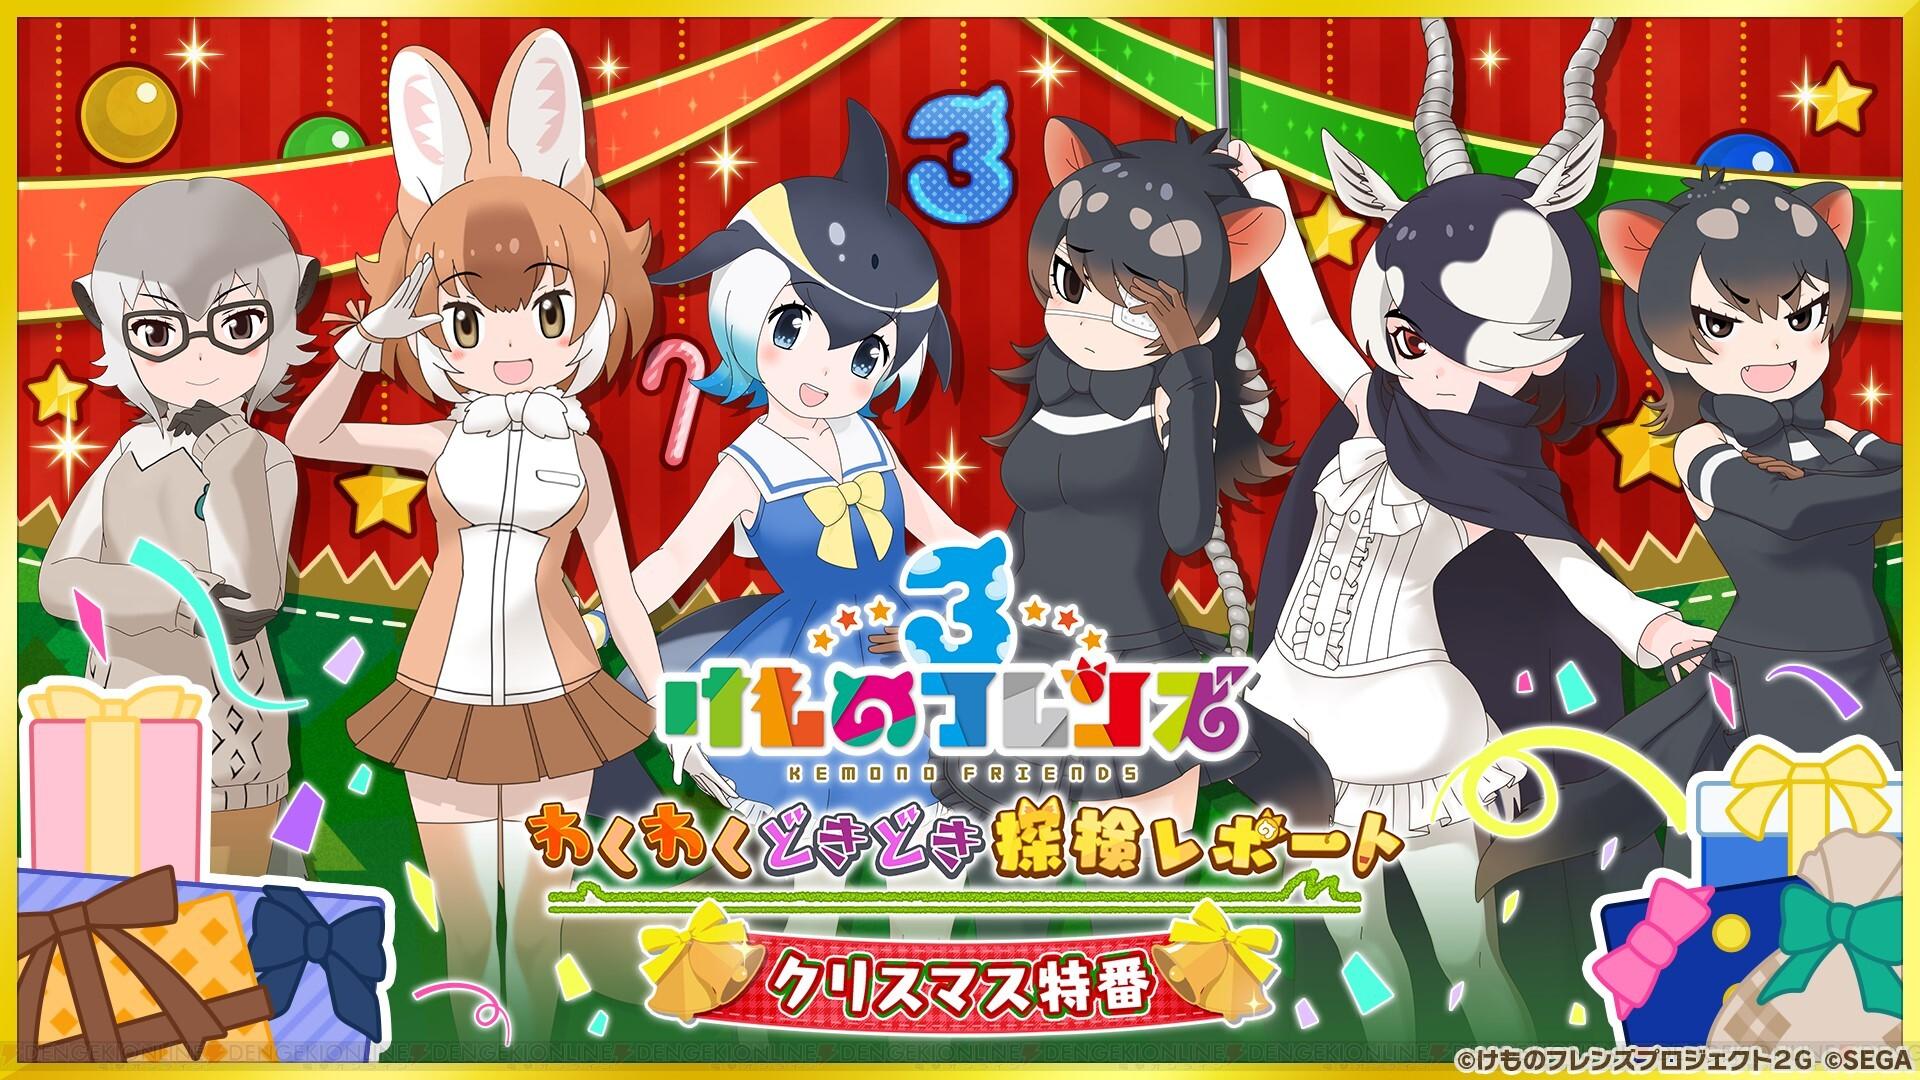 けものフレンズ3 クリスマス特番でアプリ アーケード版の新情報が発表